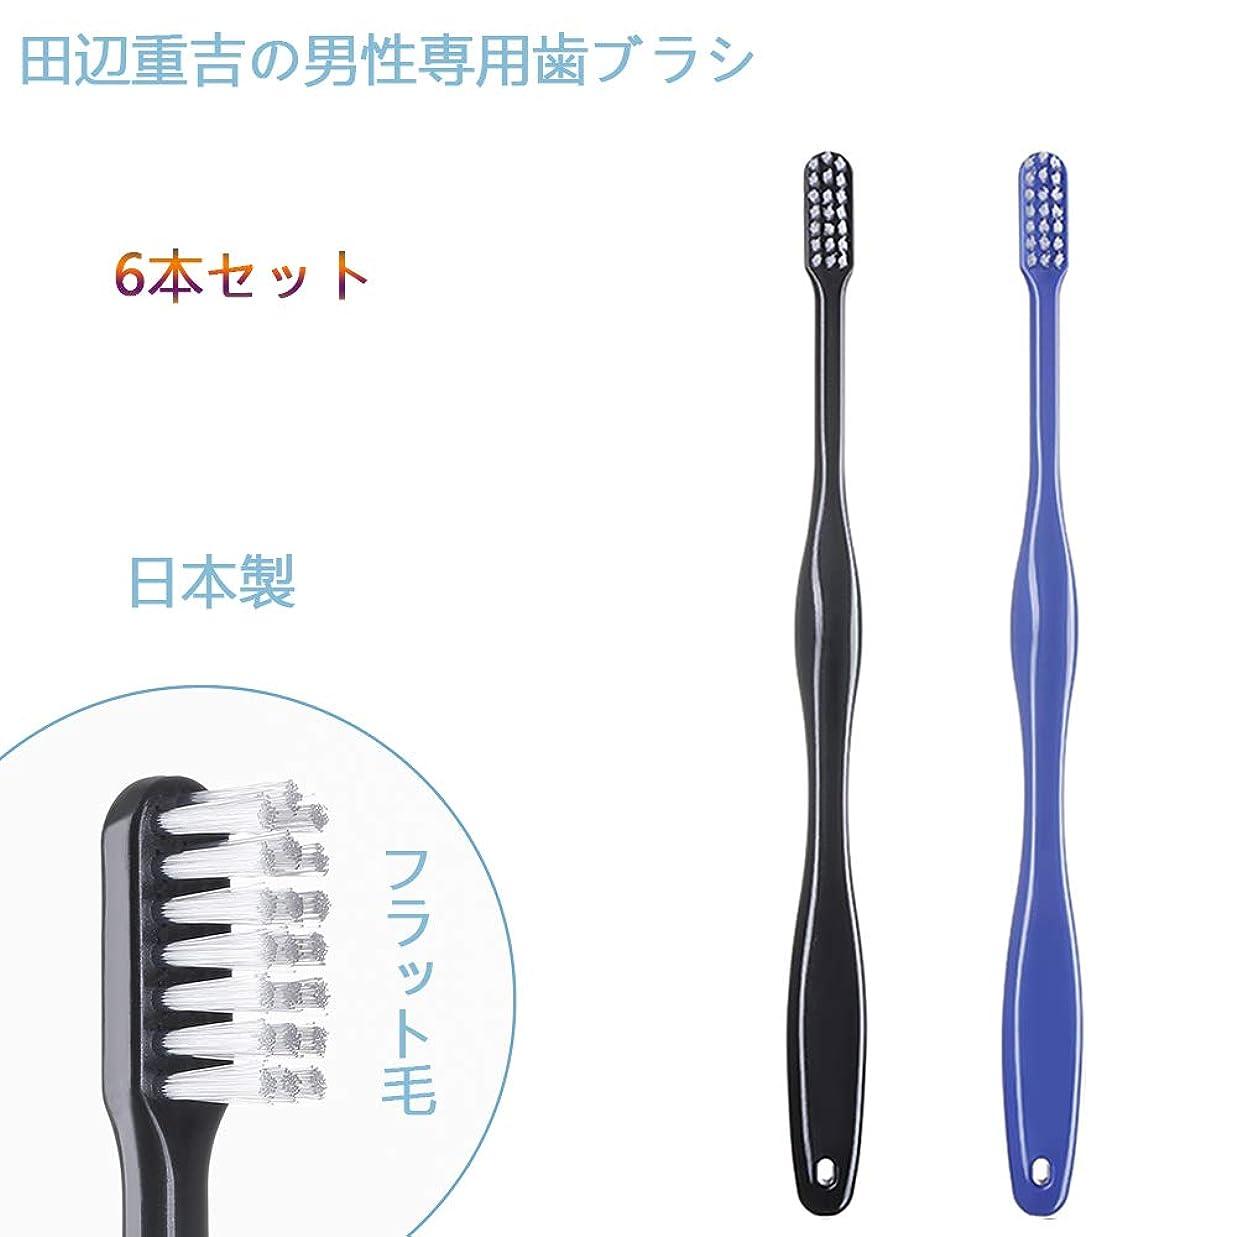 フラッシュのように素早く談話キャリッジ歯ブラシ職人 Artooth ? 田辺重吉の磨きやすい 男性専用 歯ブラシ MEN' S 日本製 耐久性UP 6本セットLT-08(色おまかせ)